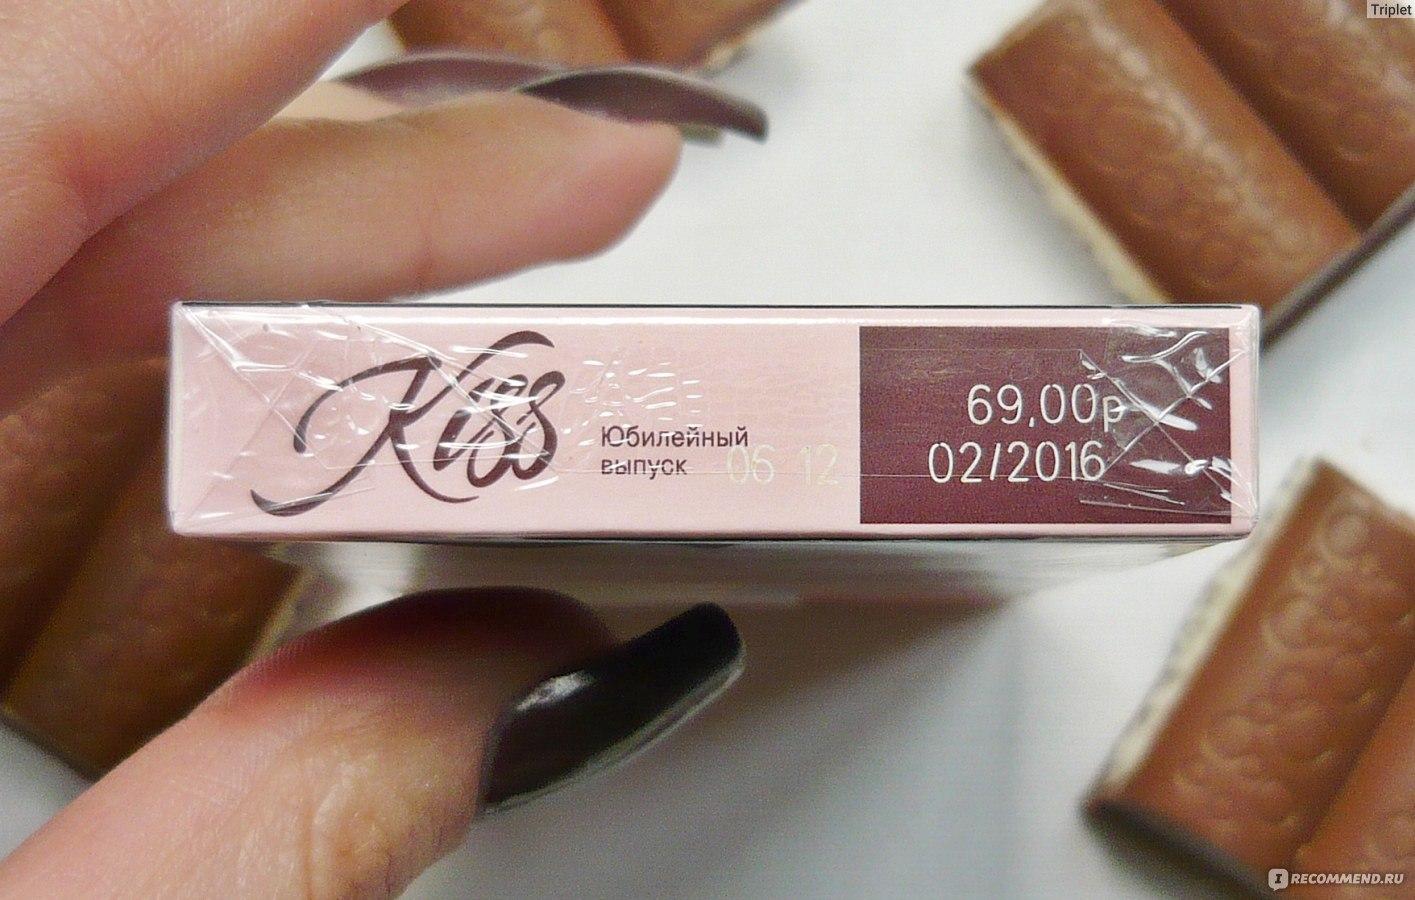 Сигареты kiss brown купить купить ароматизаторы для жидкости в электронную сигарету